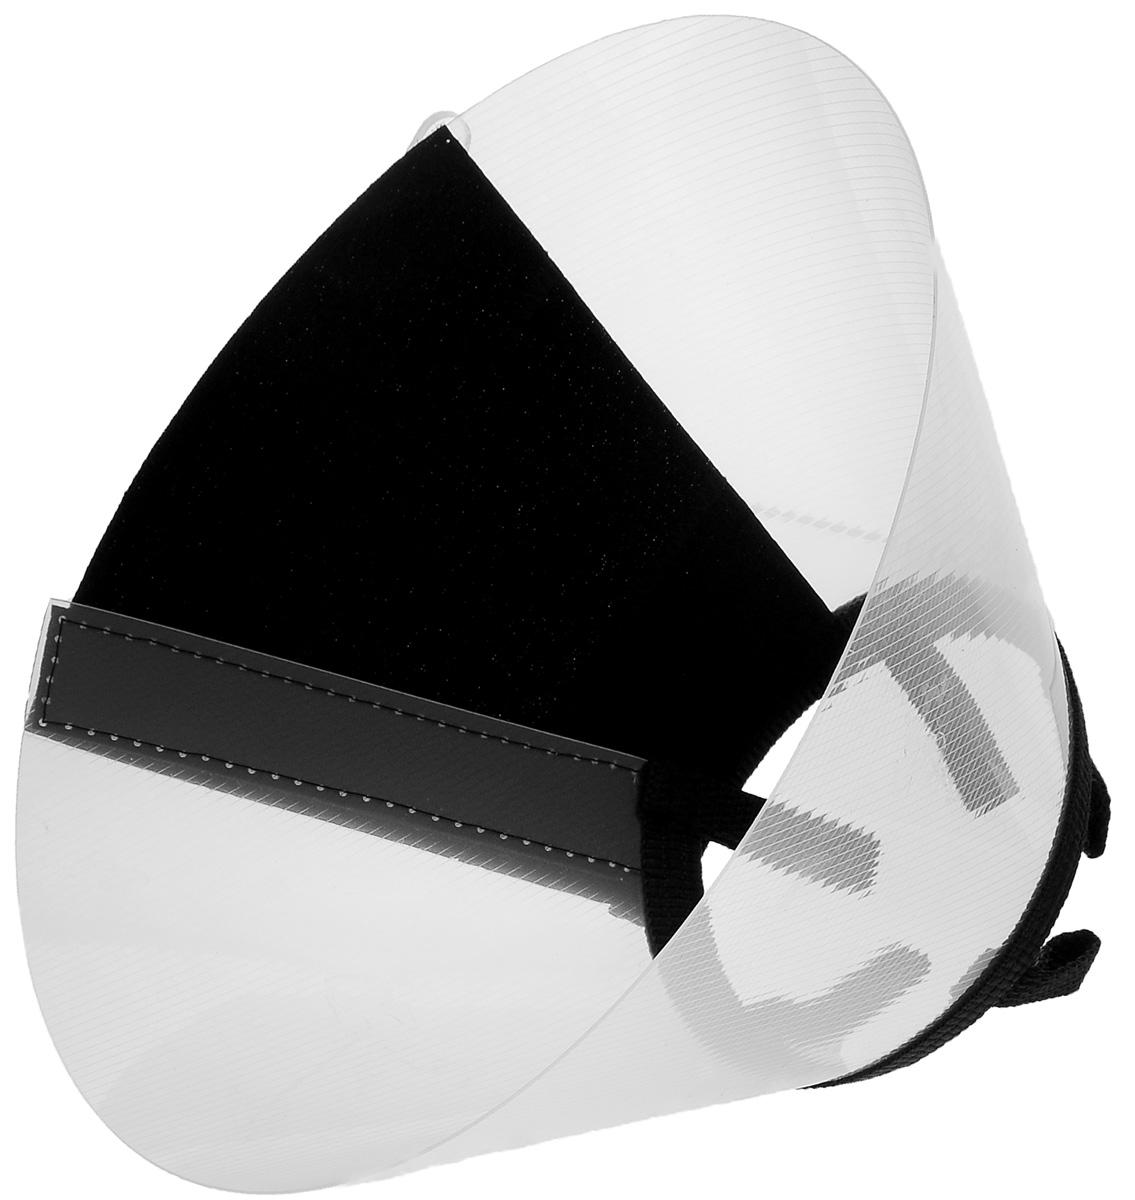 Воротник защитный Талисмед, на липучке, обхват шеи 21-26 см12171996Защитный воротник Талисмед изготовлен из высококачественного нетоксичного пластика, который позволяет сохранять углы обзора для животного. Изделие разработано для ограничения доступа собаки к заживающей ране или послеоперационному шву. Простота в эксплуатации позволяет хозяевам самостоятельно одевать и снимать защитный воротник с собаки. Воротник крепится закрепляется при помощи липучки.Обхват шеи: 21-26 см.Высота воротника: 8 см.